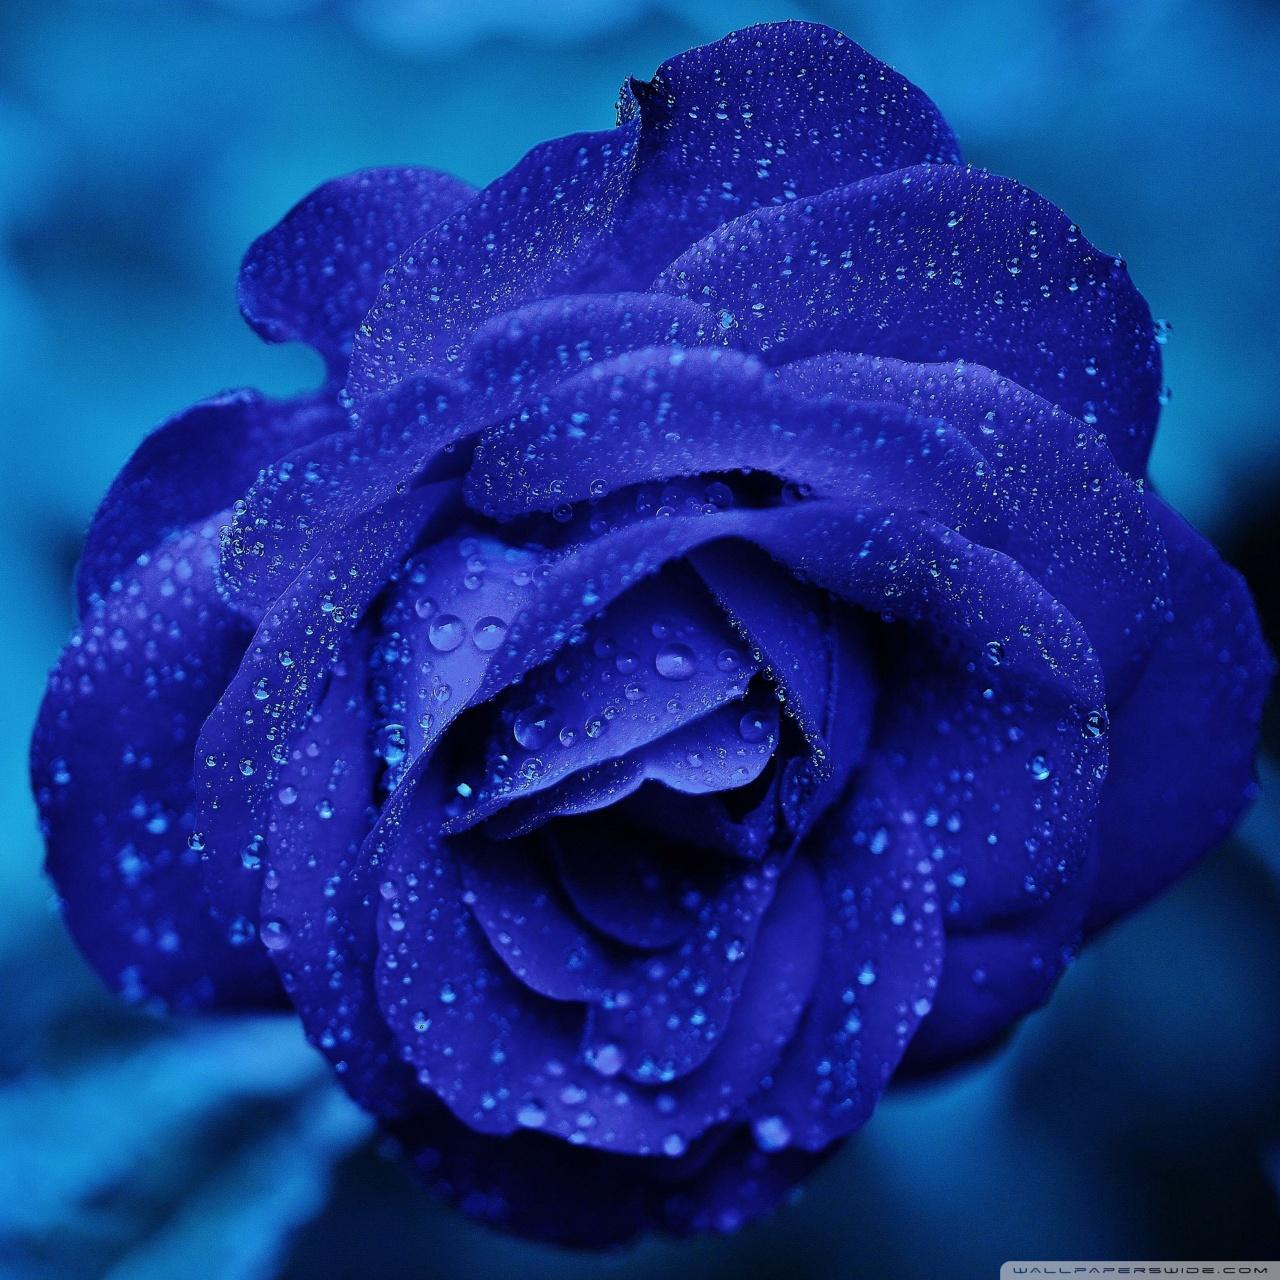 Tablet 1 Rain On Blue Flower 1743805 Hd Wallpaper